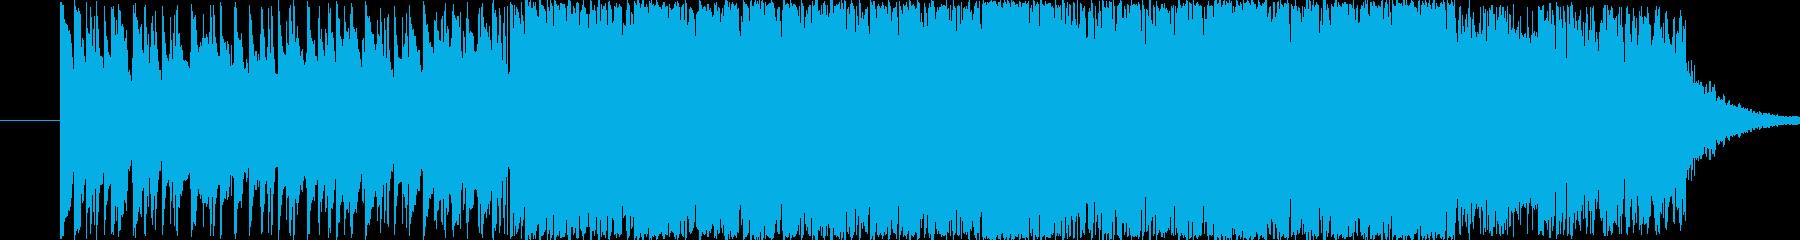 爽やかなサウンドに仕上がりました。の再生済みの波形